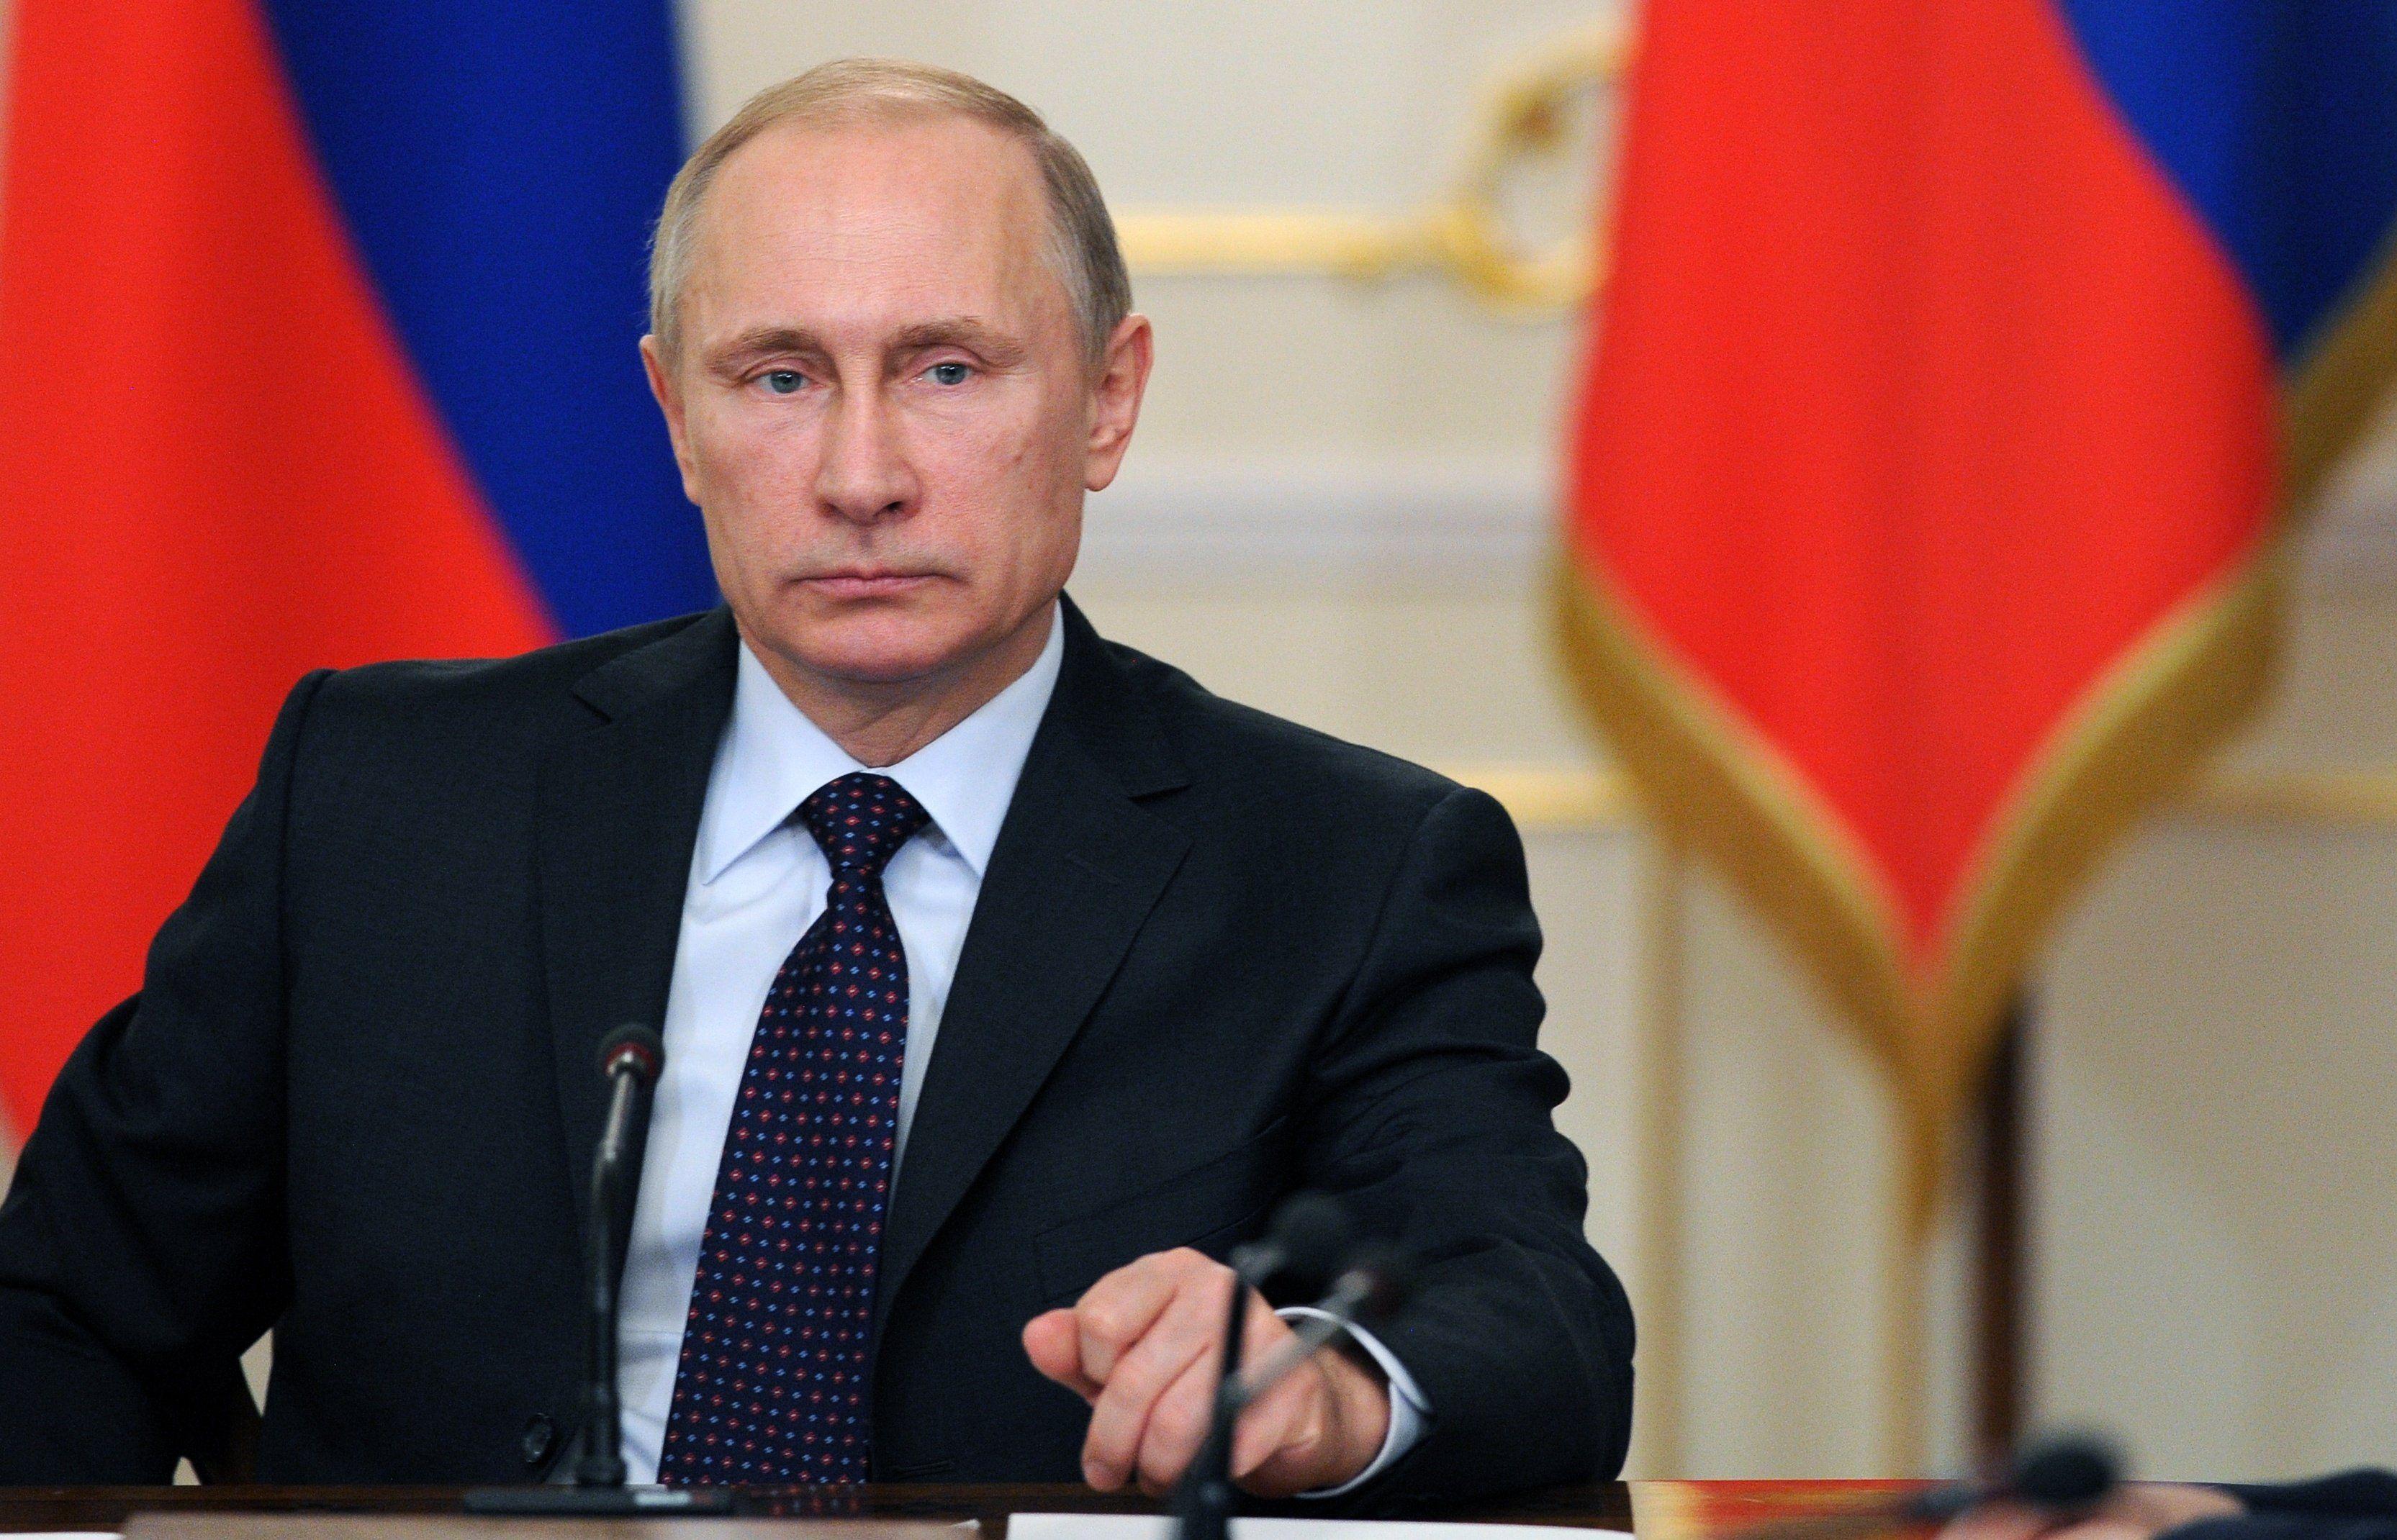 Россияне положительно оценили выступление президента 11 мая